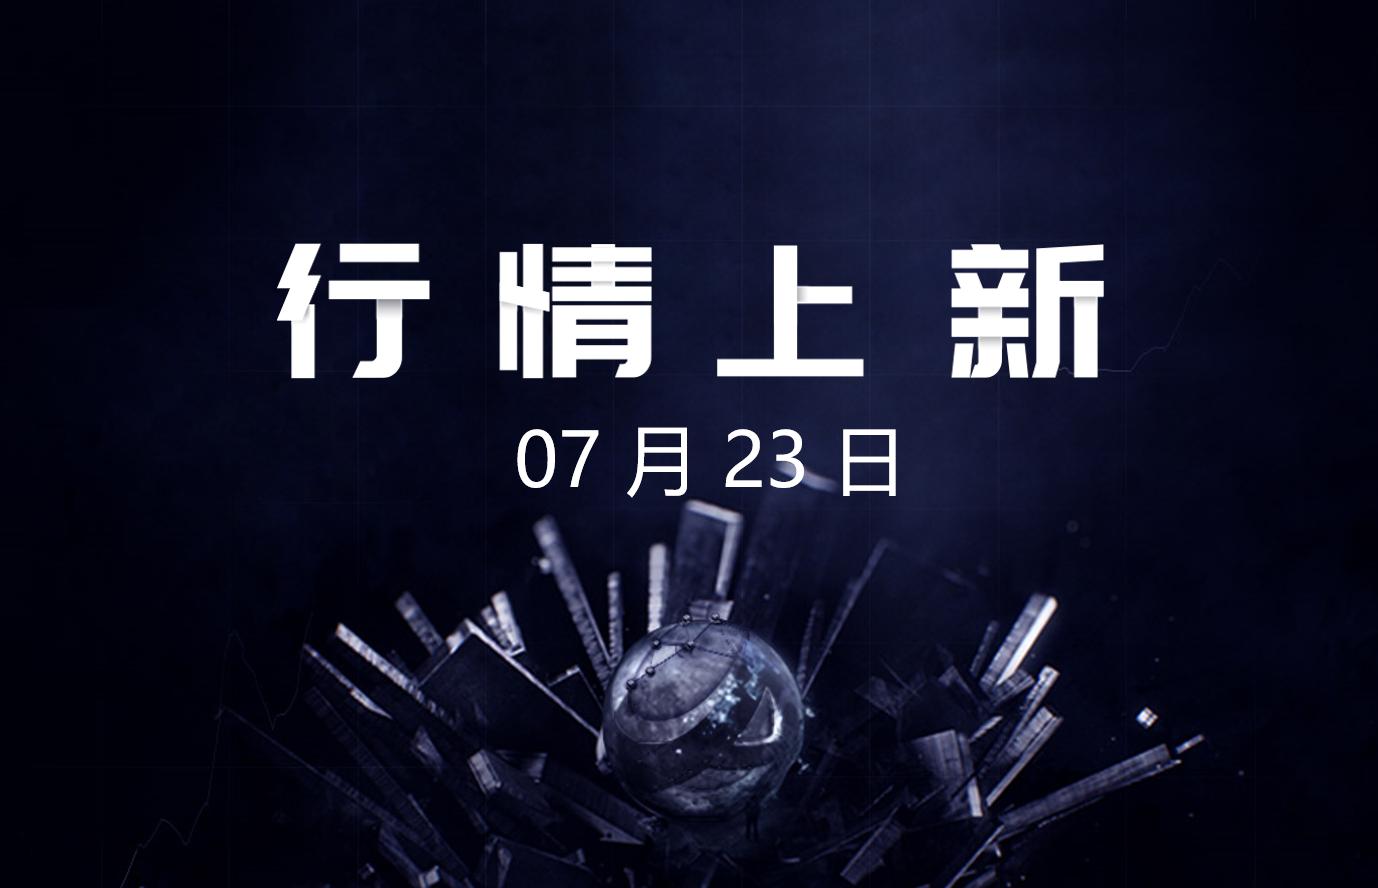 7月23日- AICoin 行情上新(新增49币种,涉及5平台)_aicoin_图1